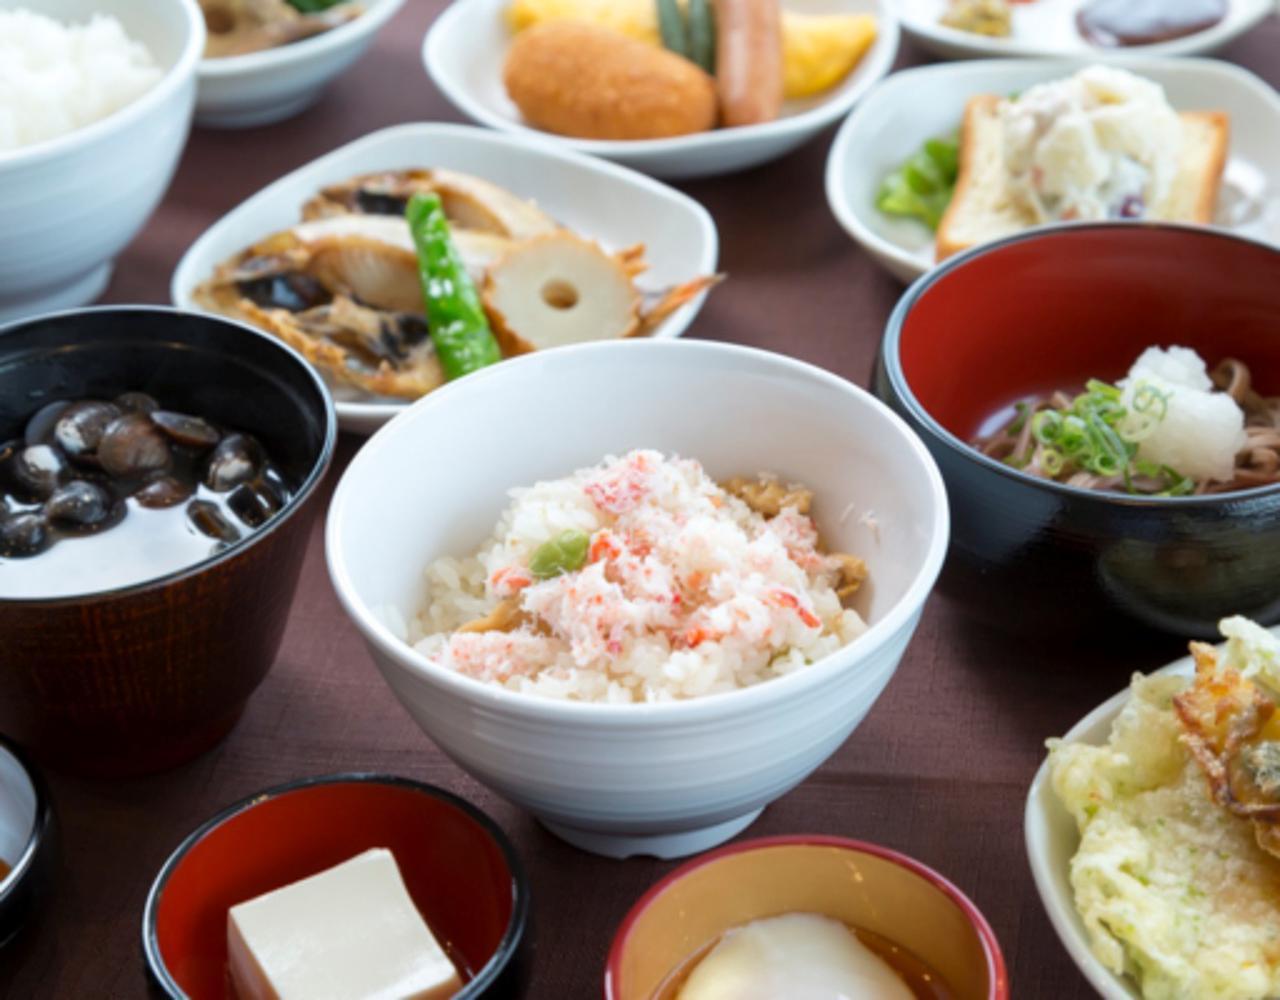 画像: 【天然温泉 八雲の湯 ドーミーイン出雲】朝食。出雲蕎麦をはじめ「ご当地逸品料理」が楽しめる